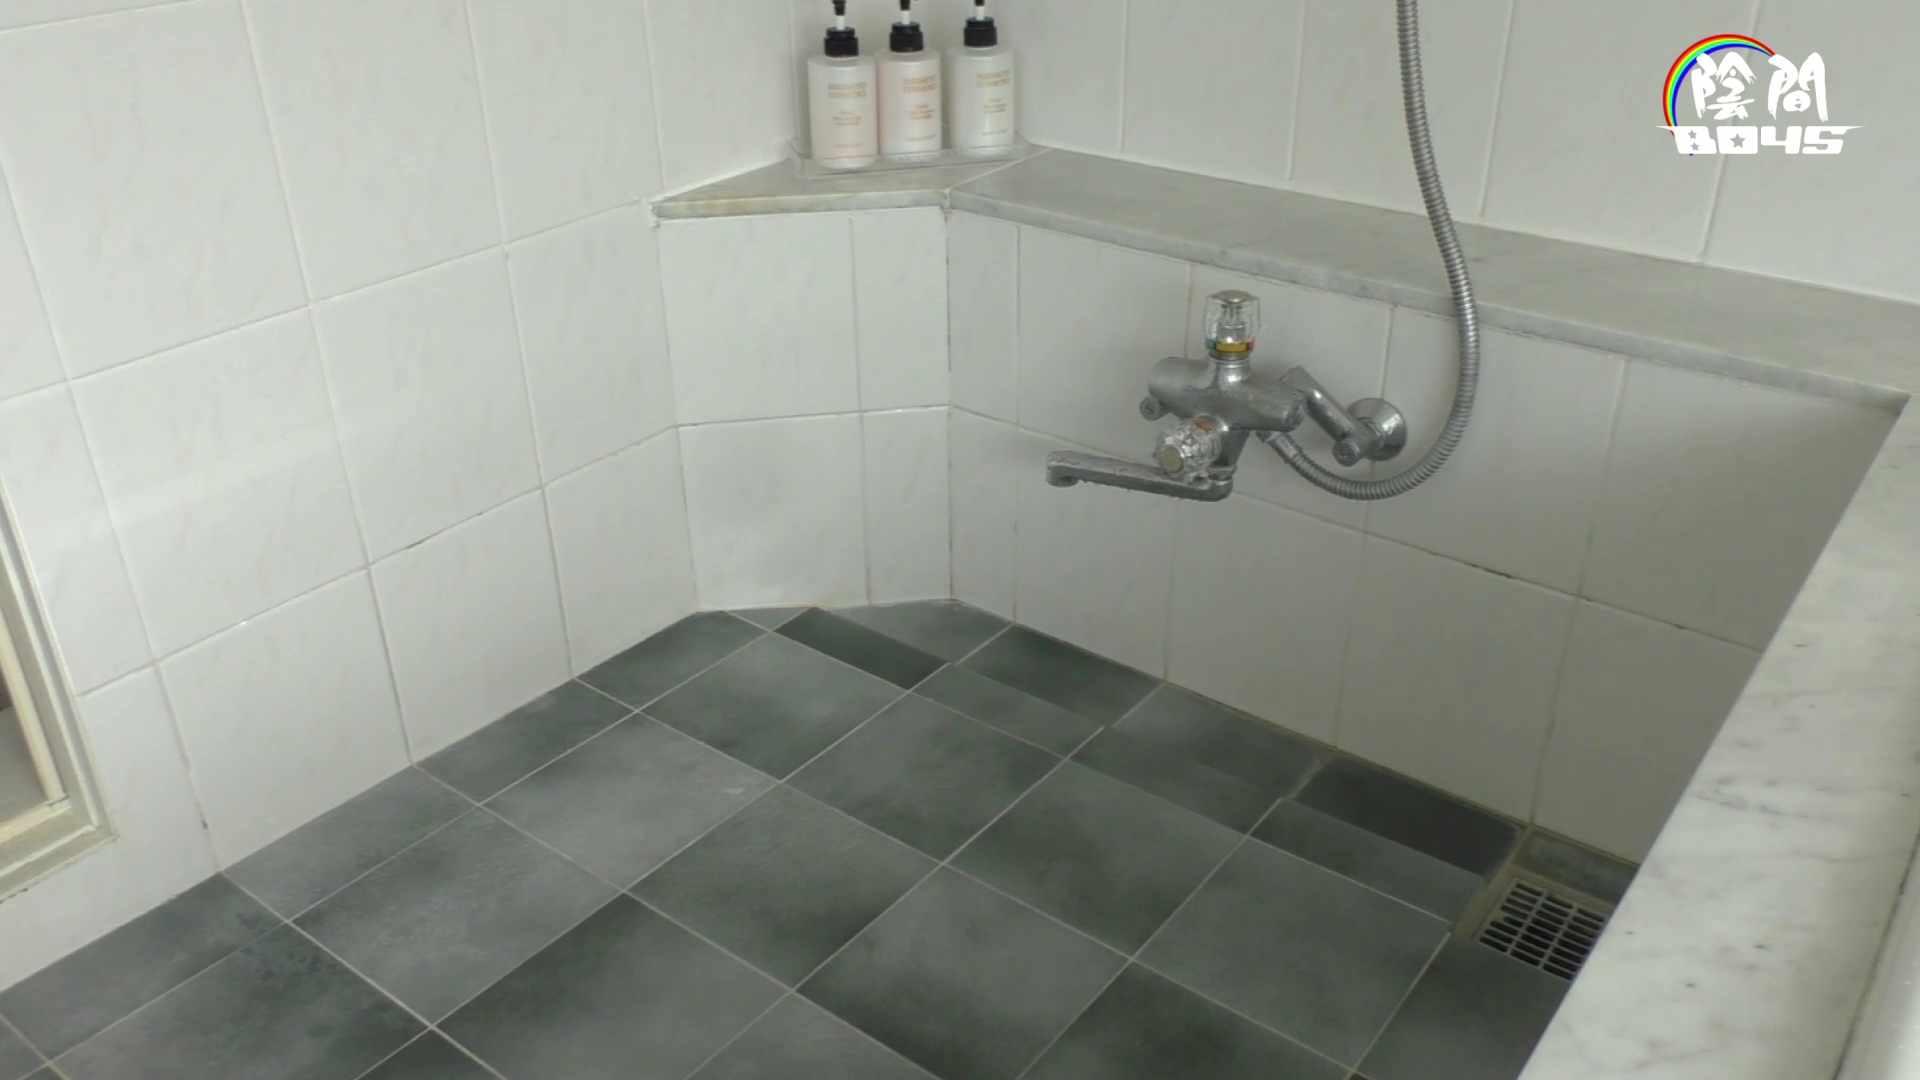 アナルで営業ワン・ツー・ スリーpart2 Vol.8 入浴・シャワー丸見え ゲイ丸見え画像 60pic 60